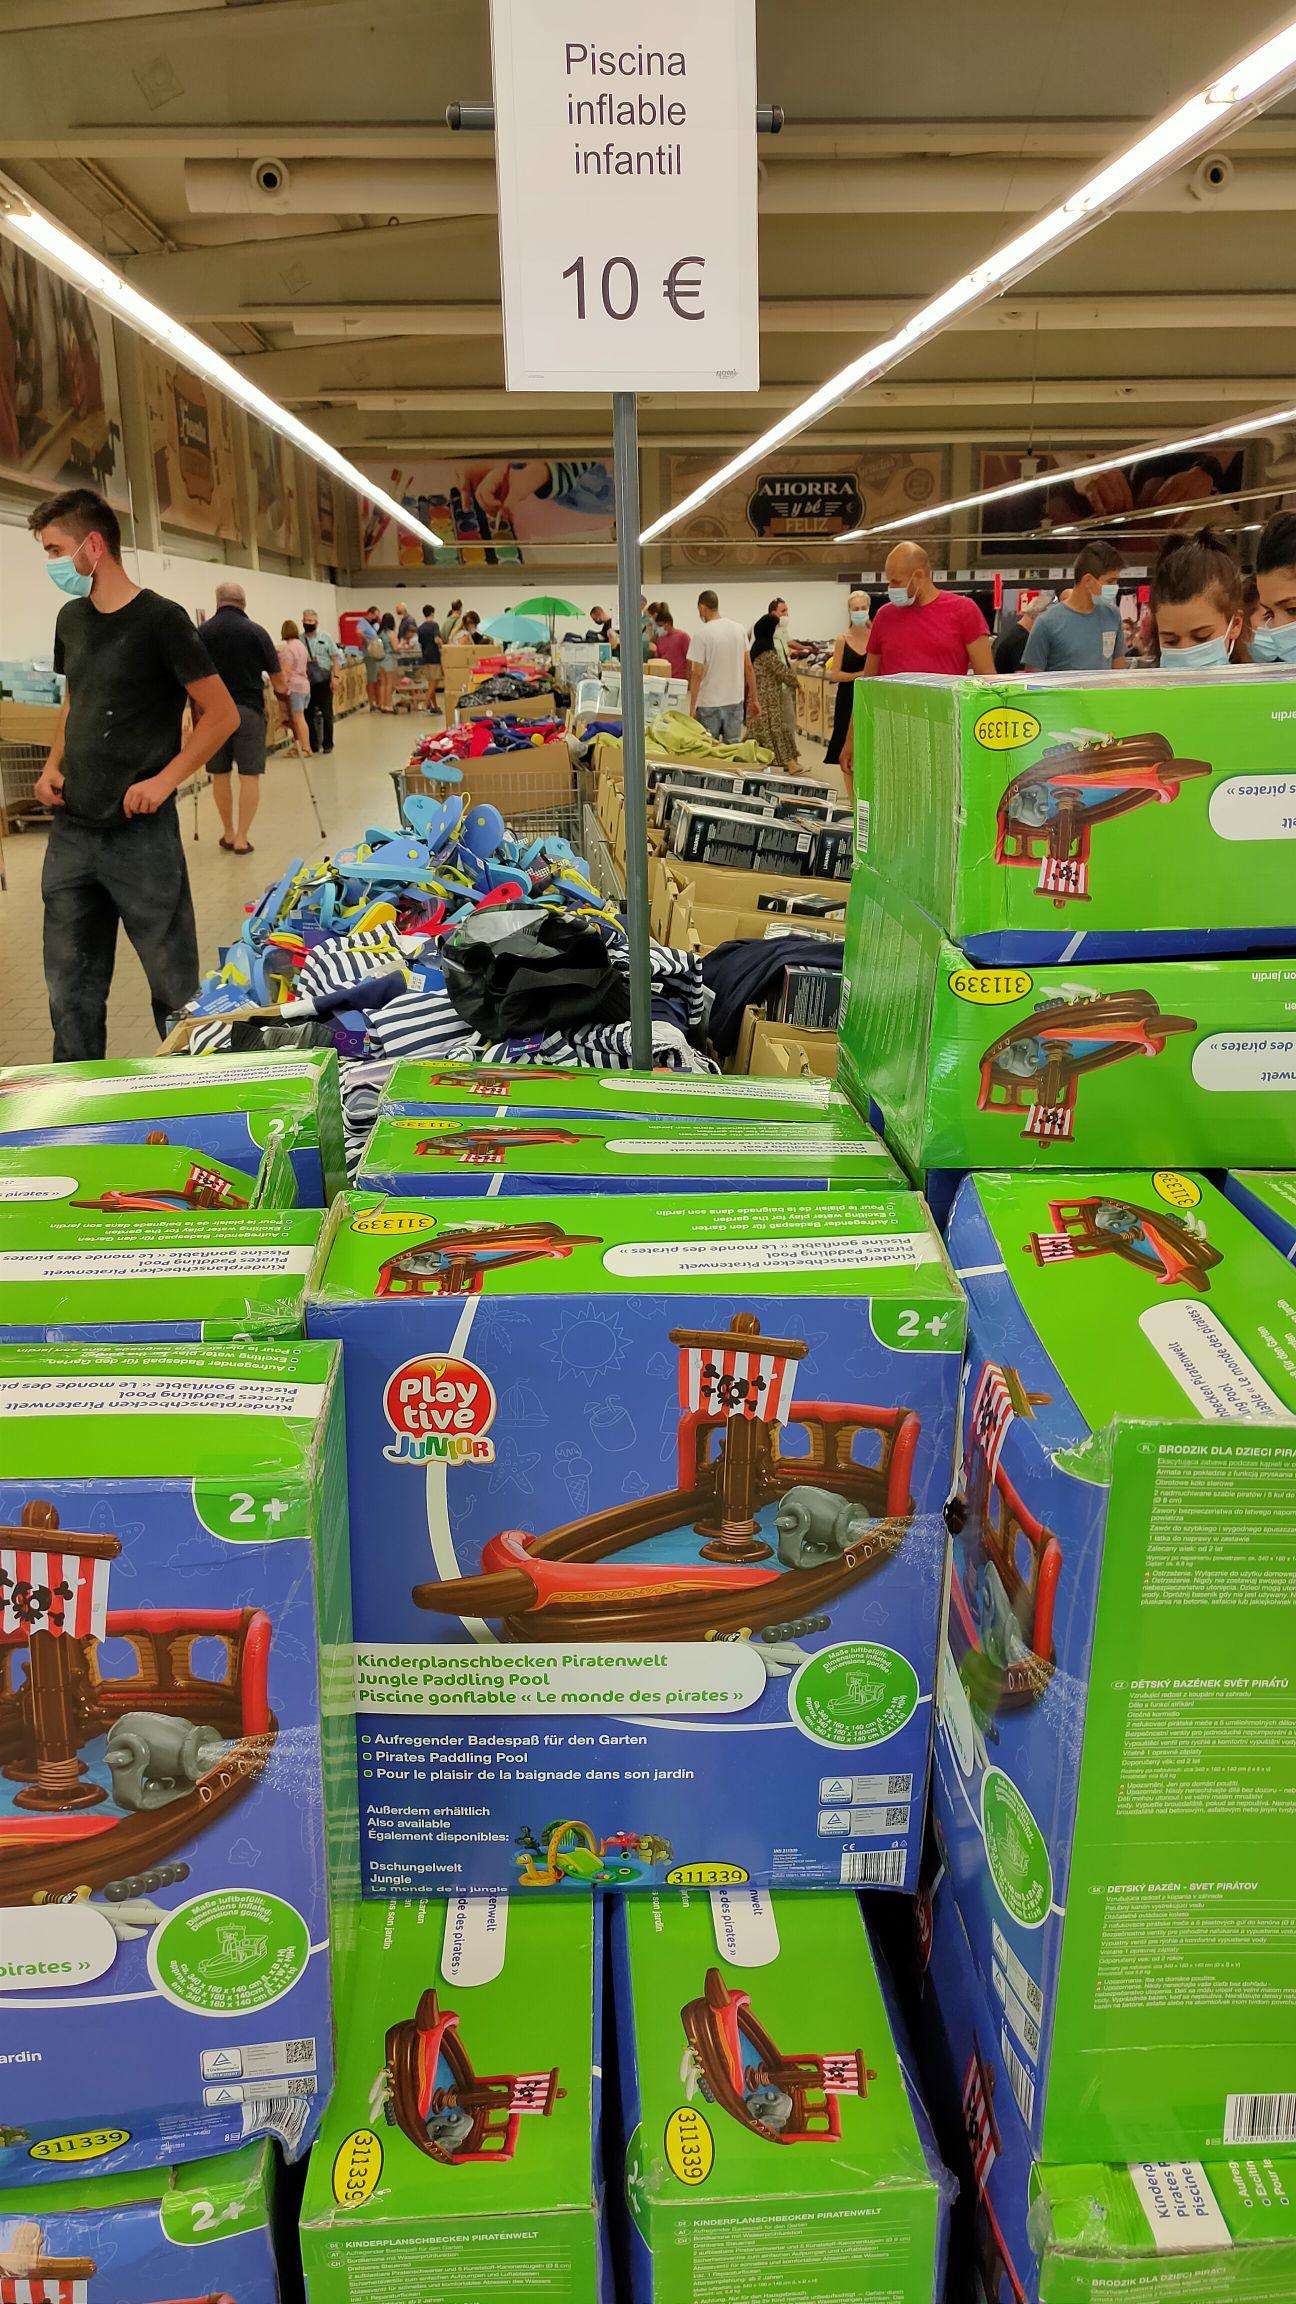 Piscina Hinchable de niños en factory discount de Lidl